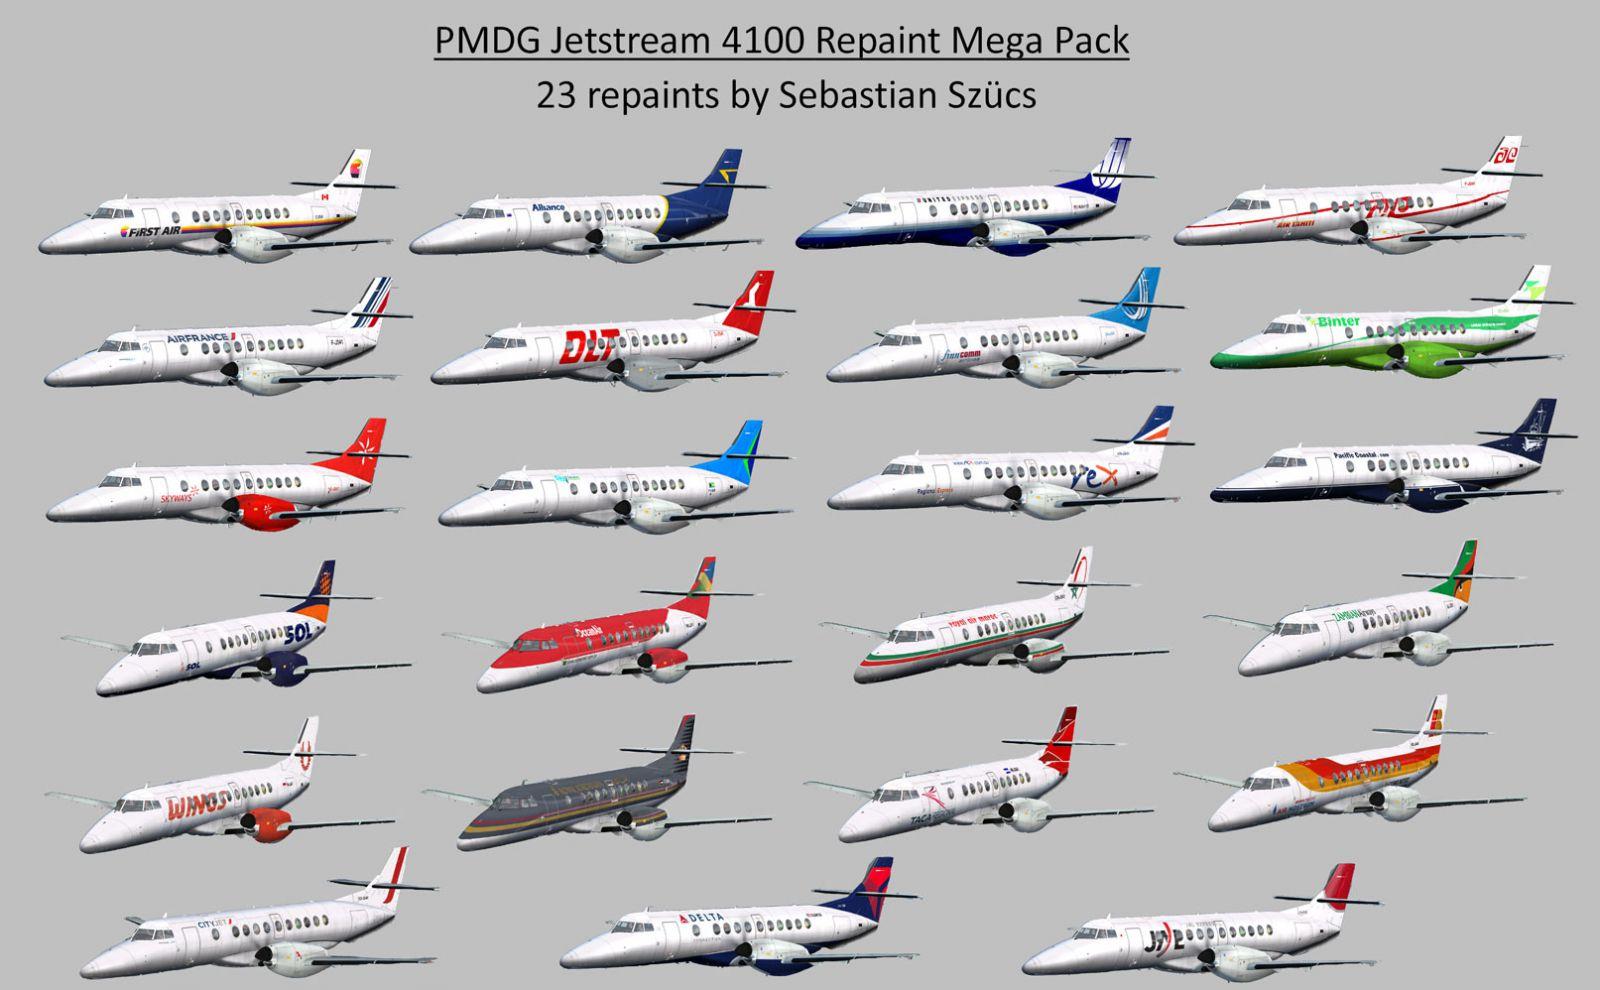 Repaint Mega Pack For The PMDG Jetstream 4100 for FSX